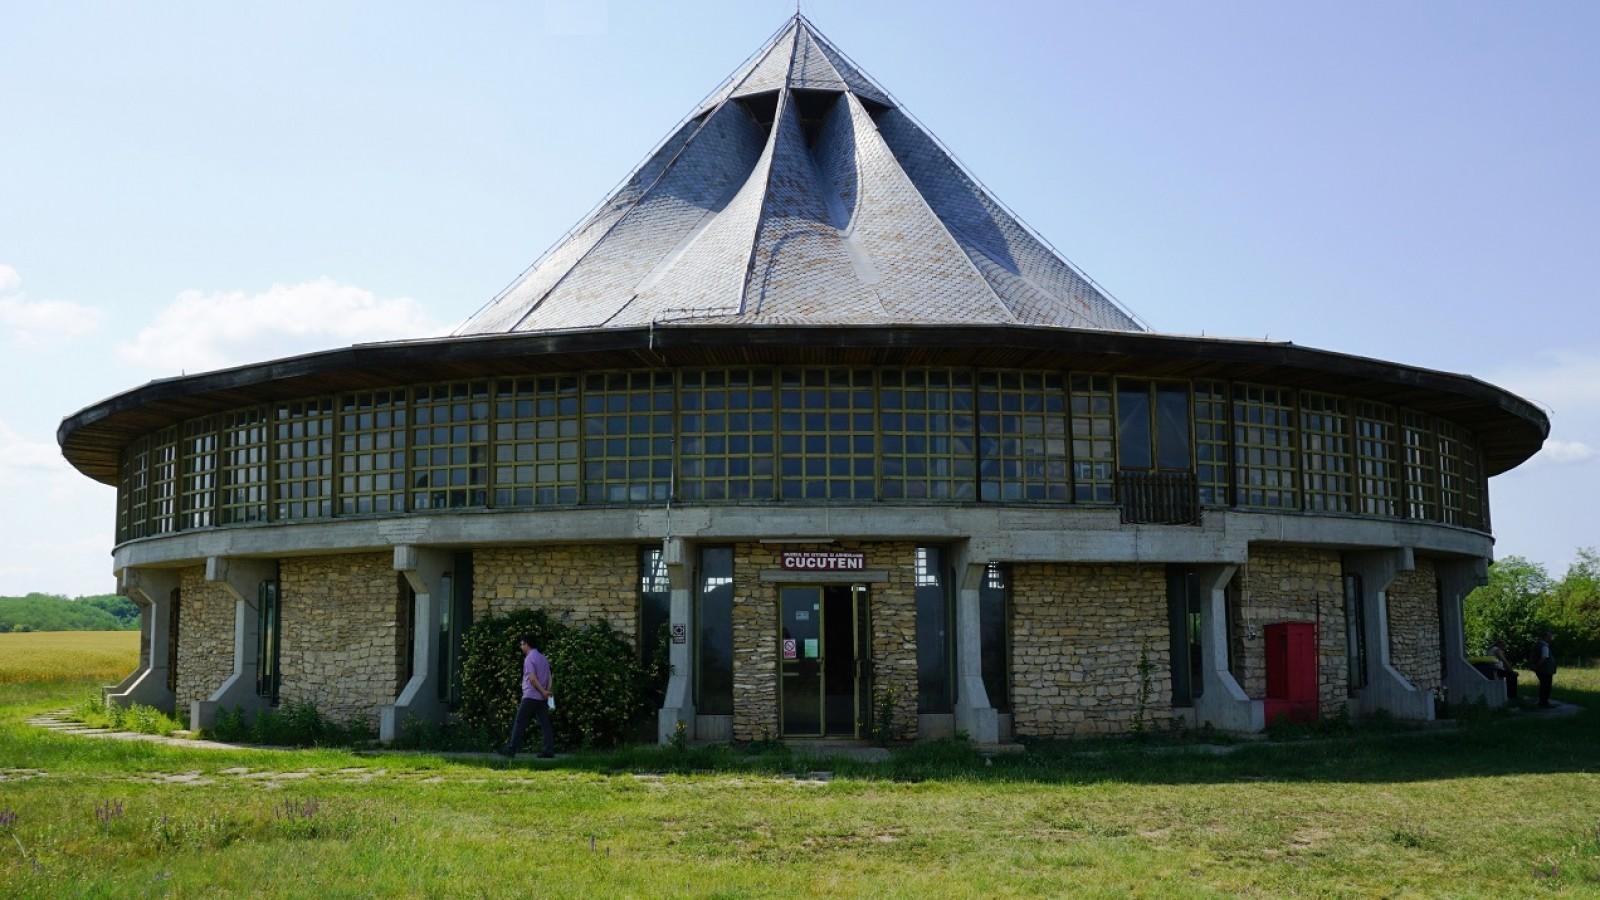 Muzeul de Sit Arheologic din Cucuteni